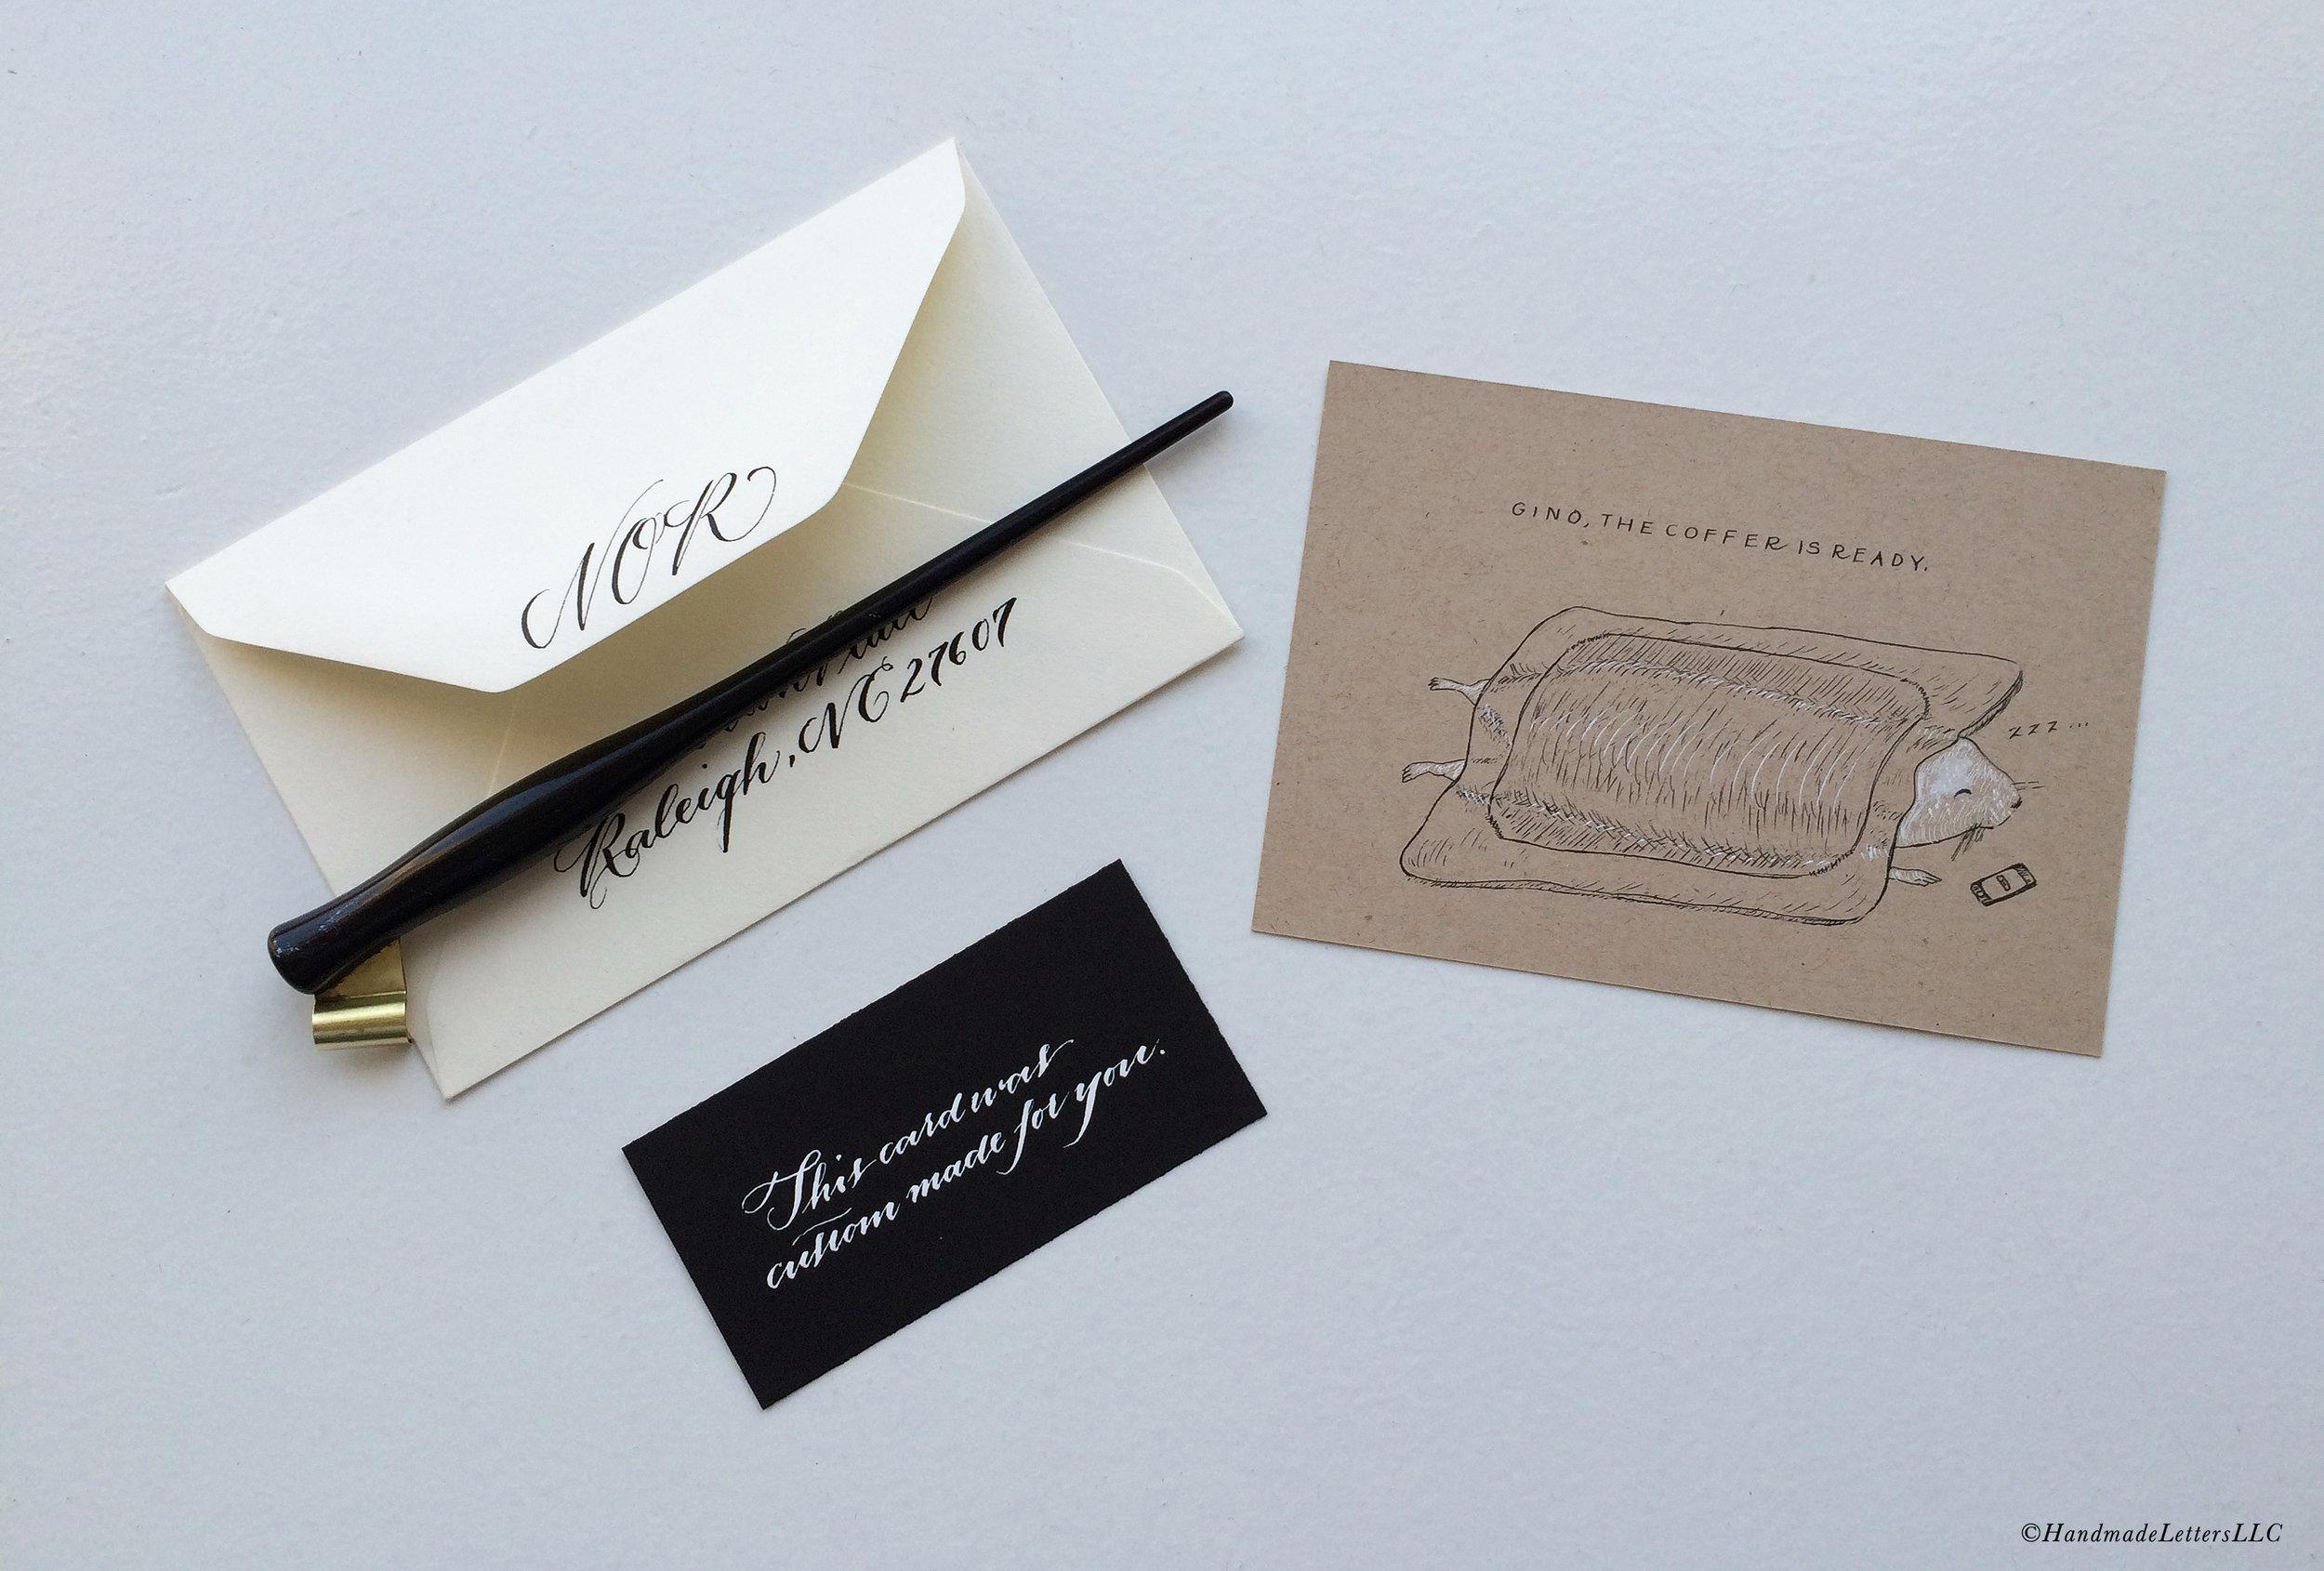 Handmade Letters - Letter for Gino